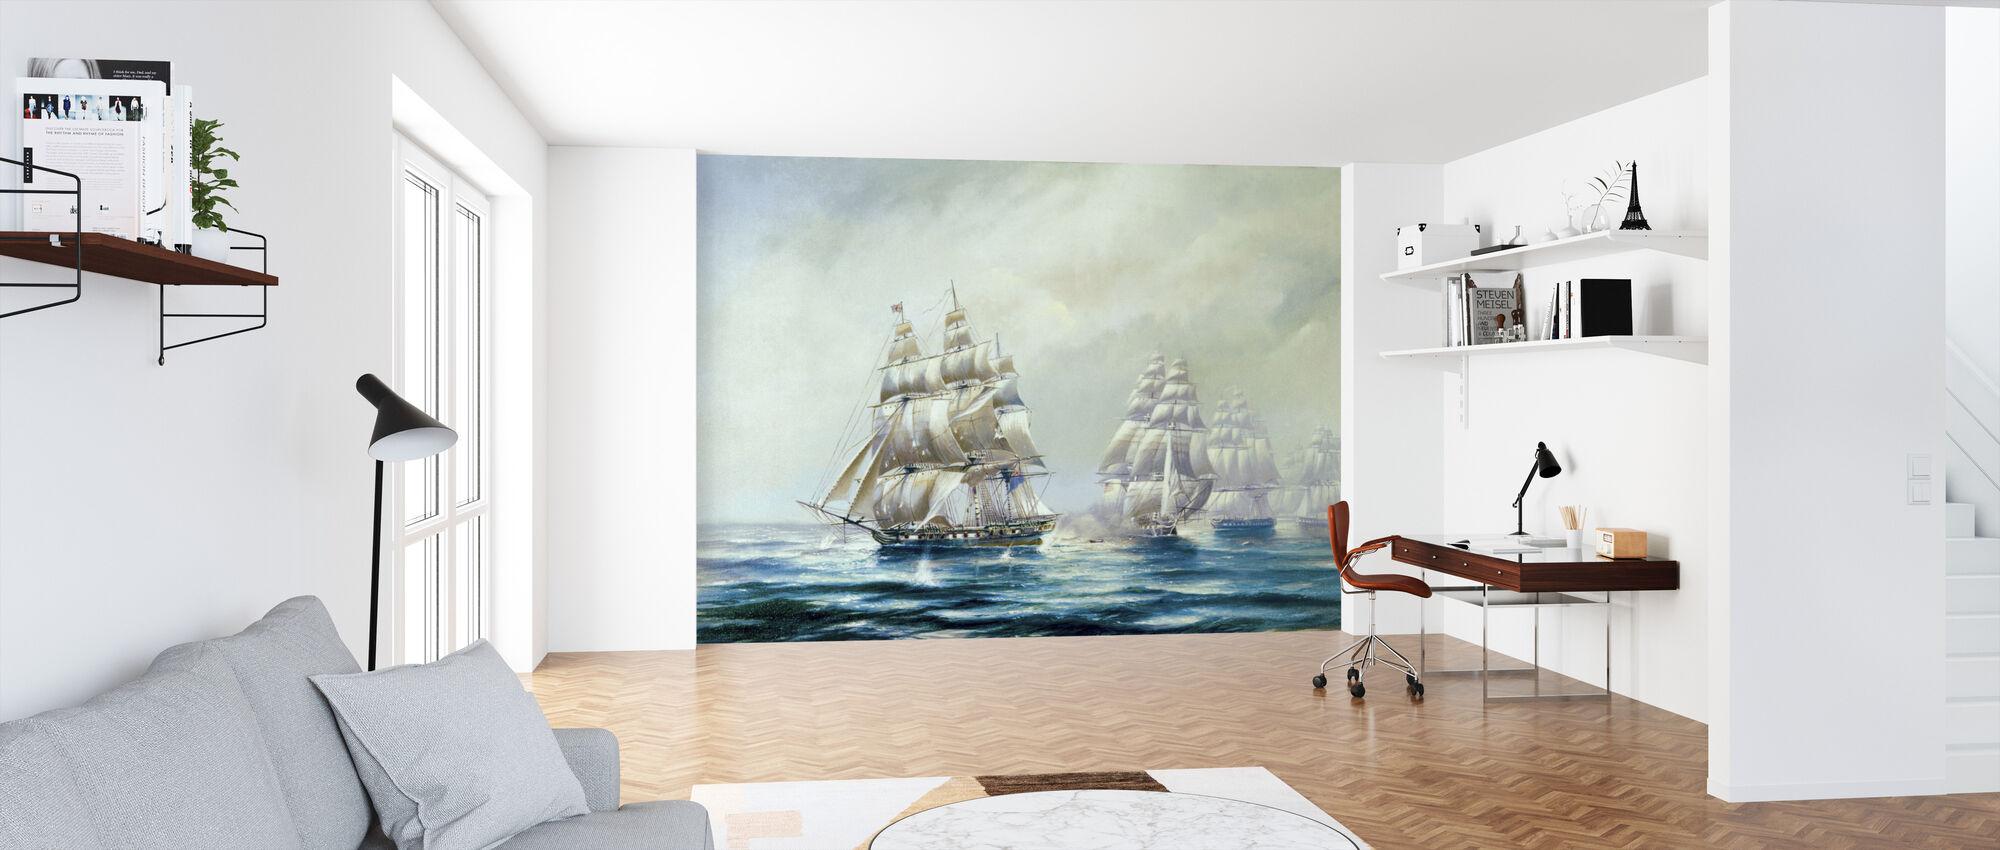 HMS Belvidera - Wallpaper - Office